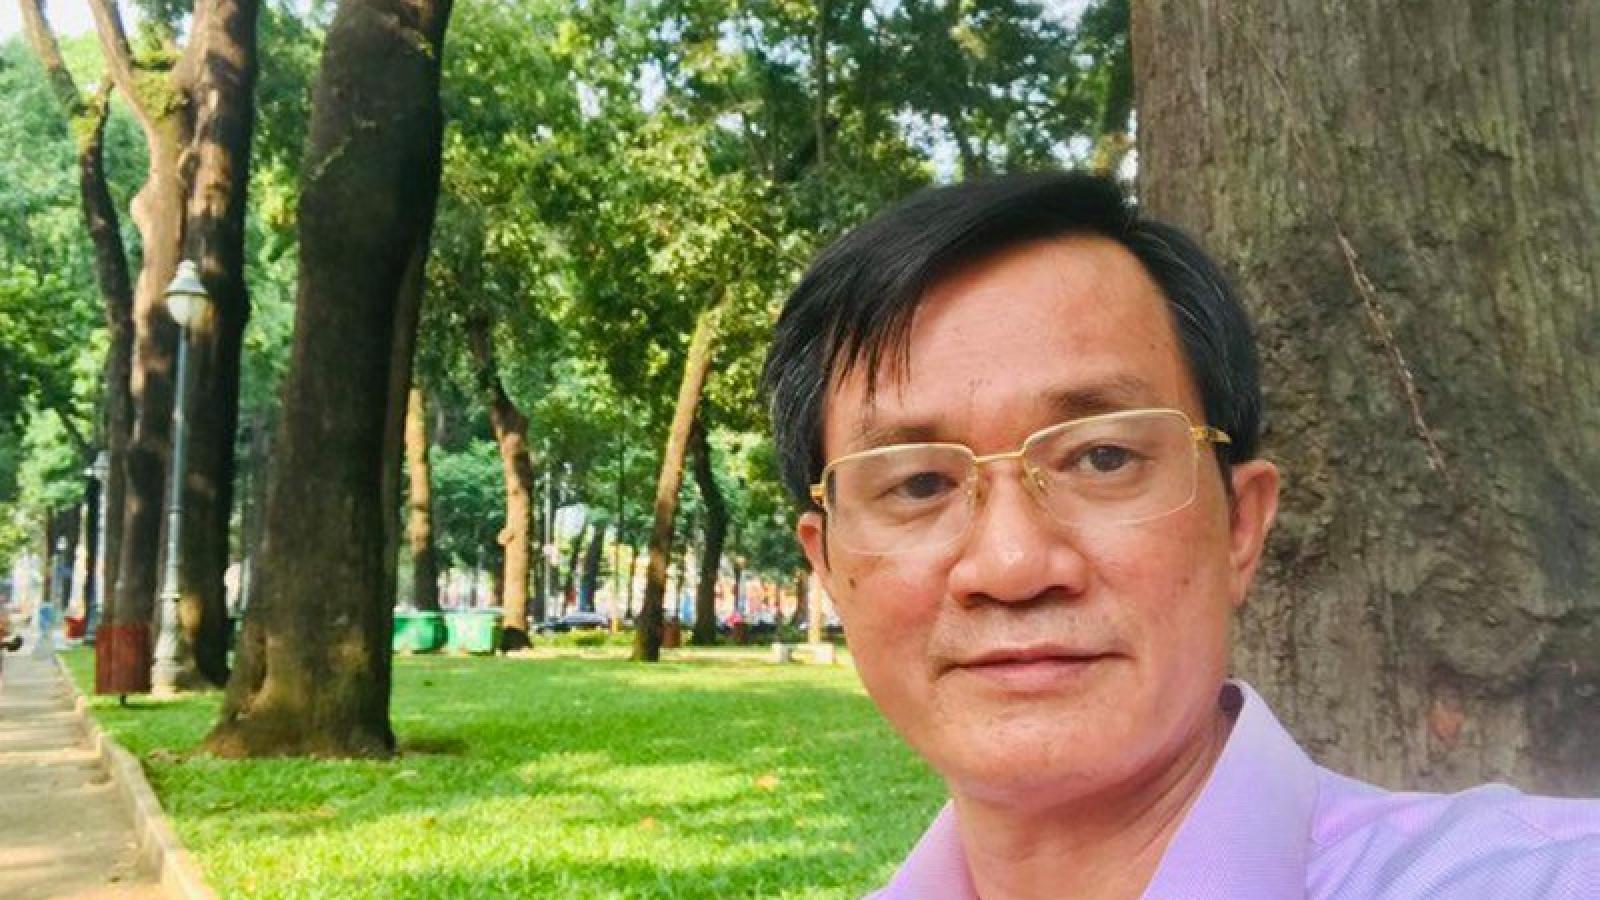 Nhà báo Nguyễn Đức Hiển tố giác bà Nguyễn Phương Hằng